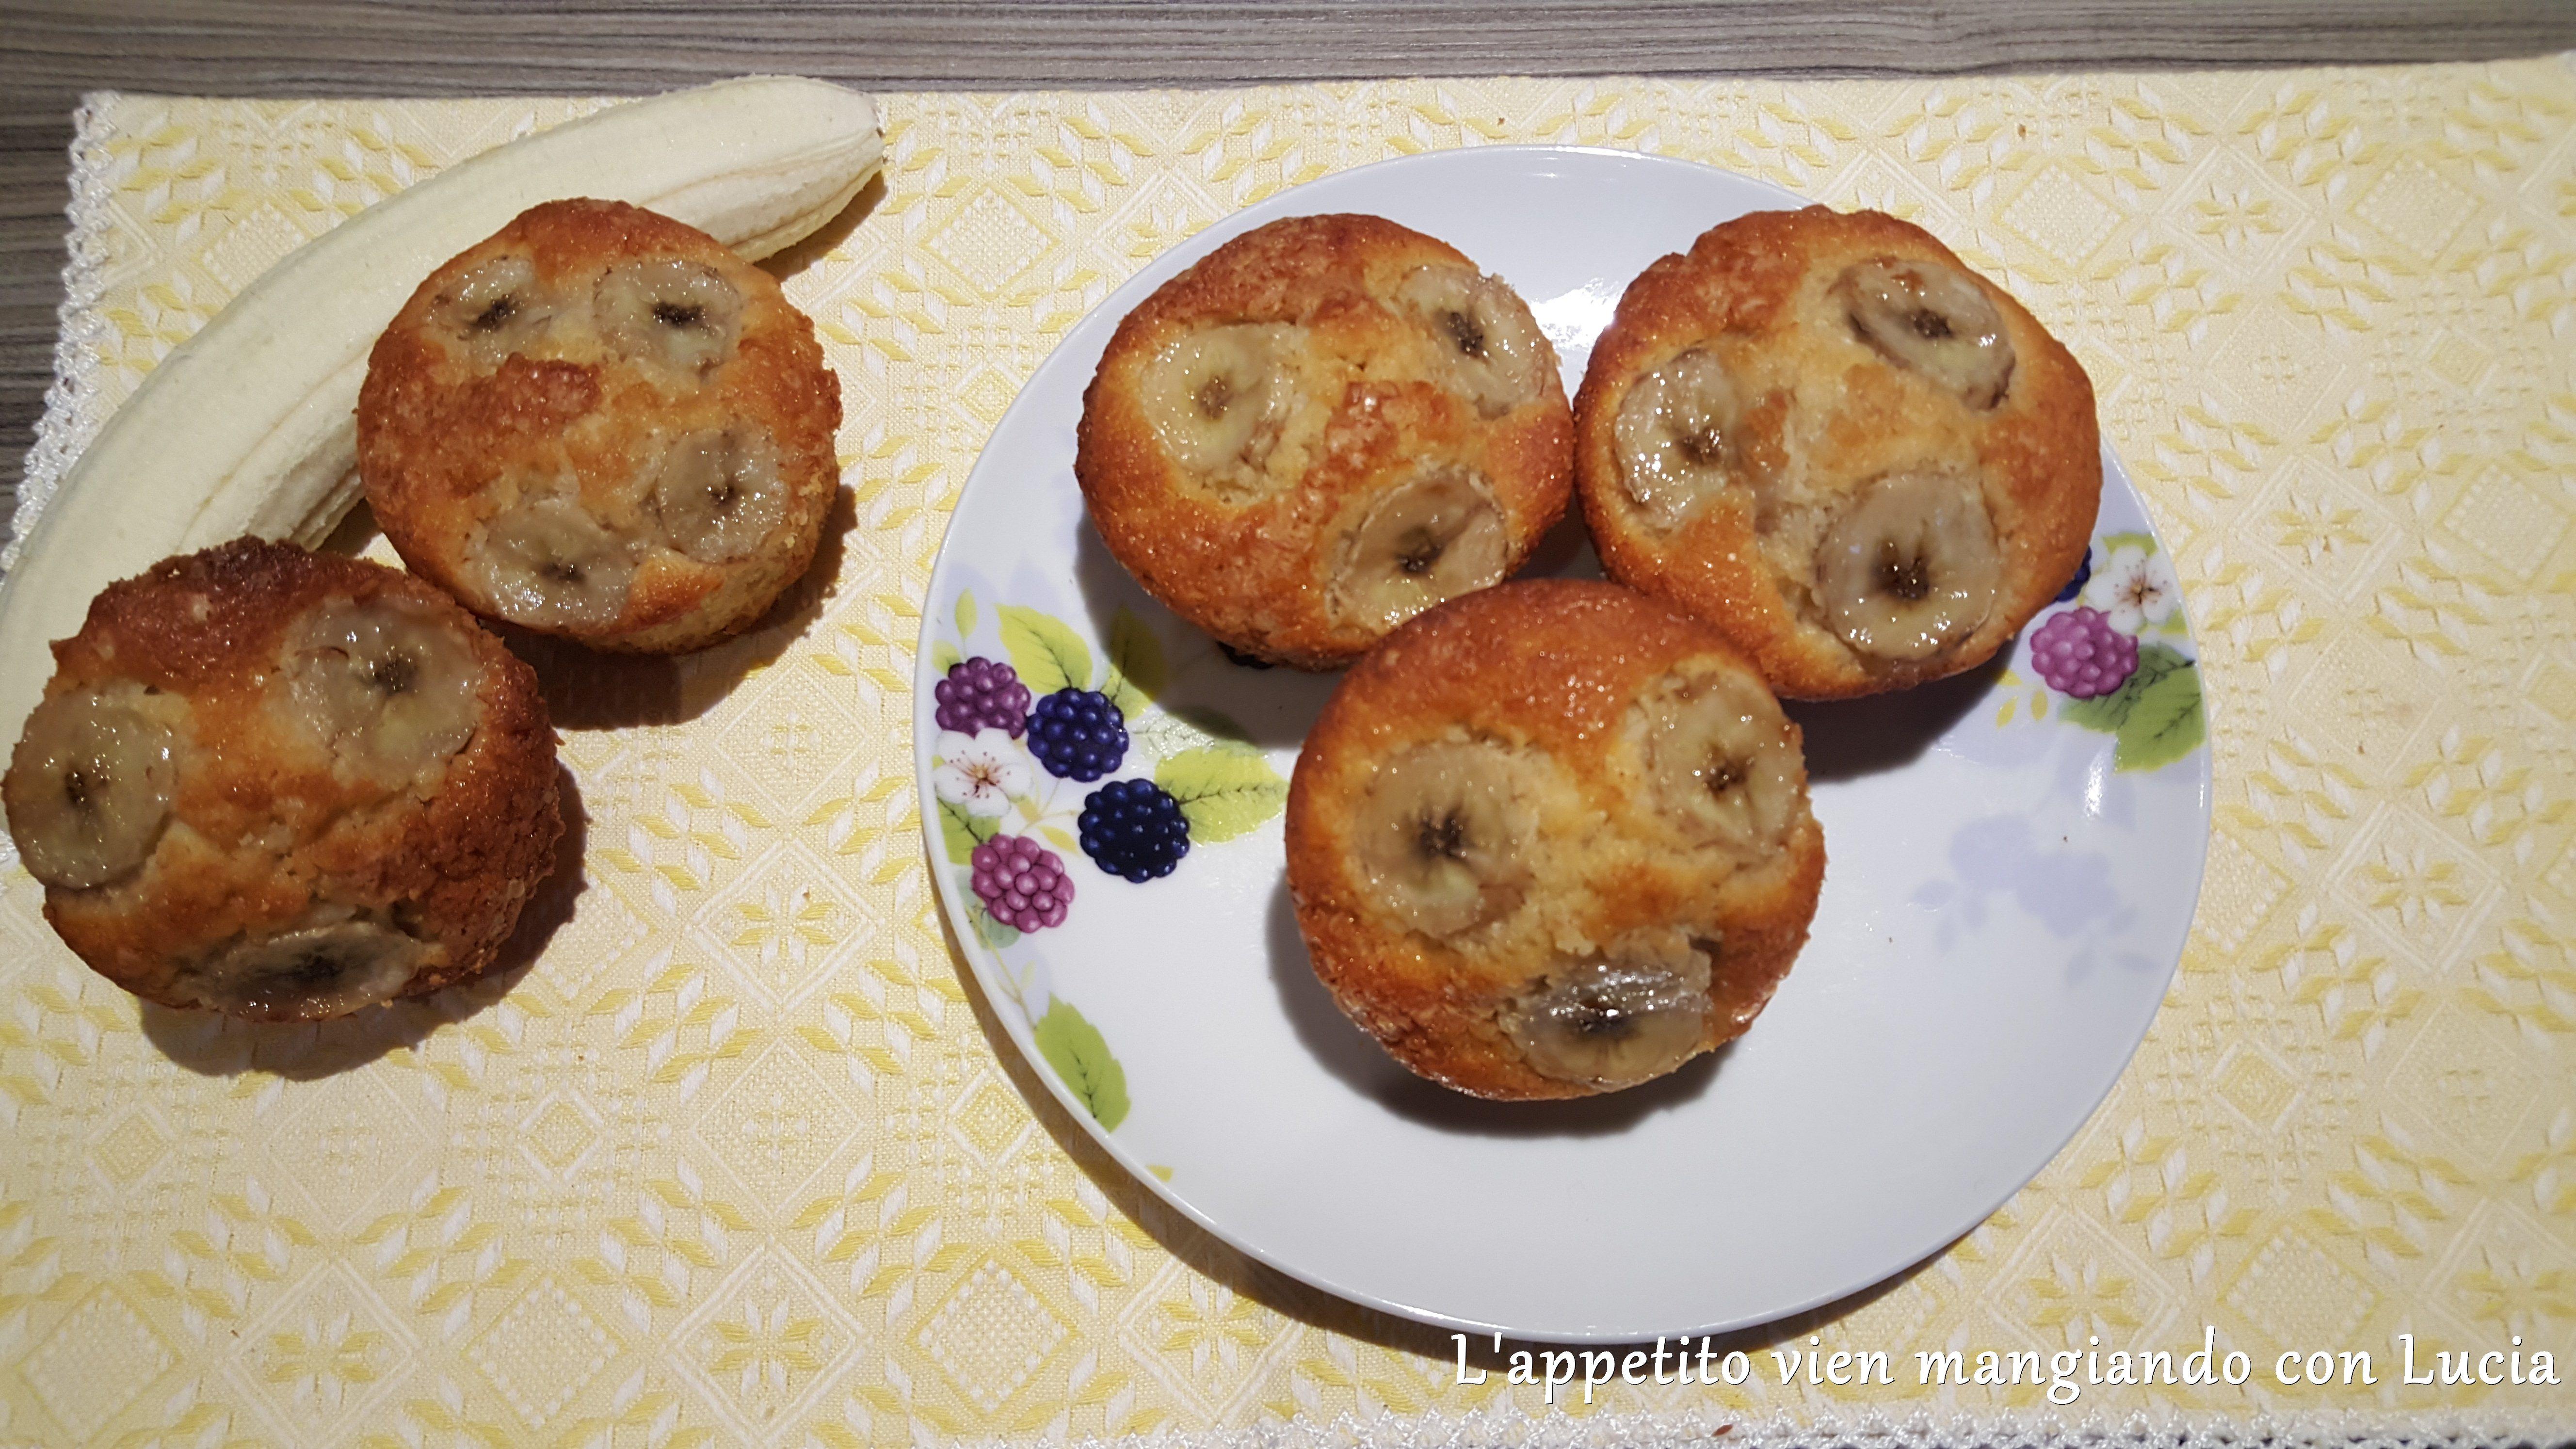 Muffin di banane | L'Appetito vien mangiando con Lucia